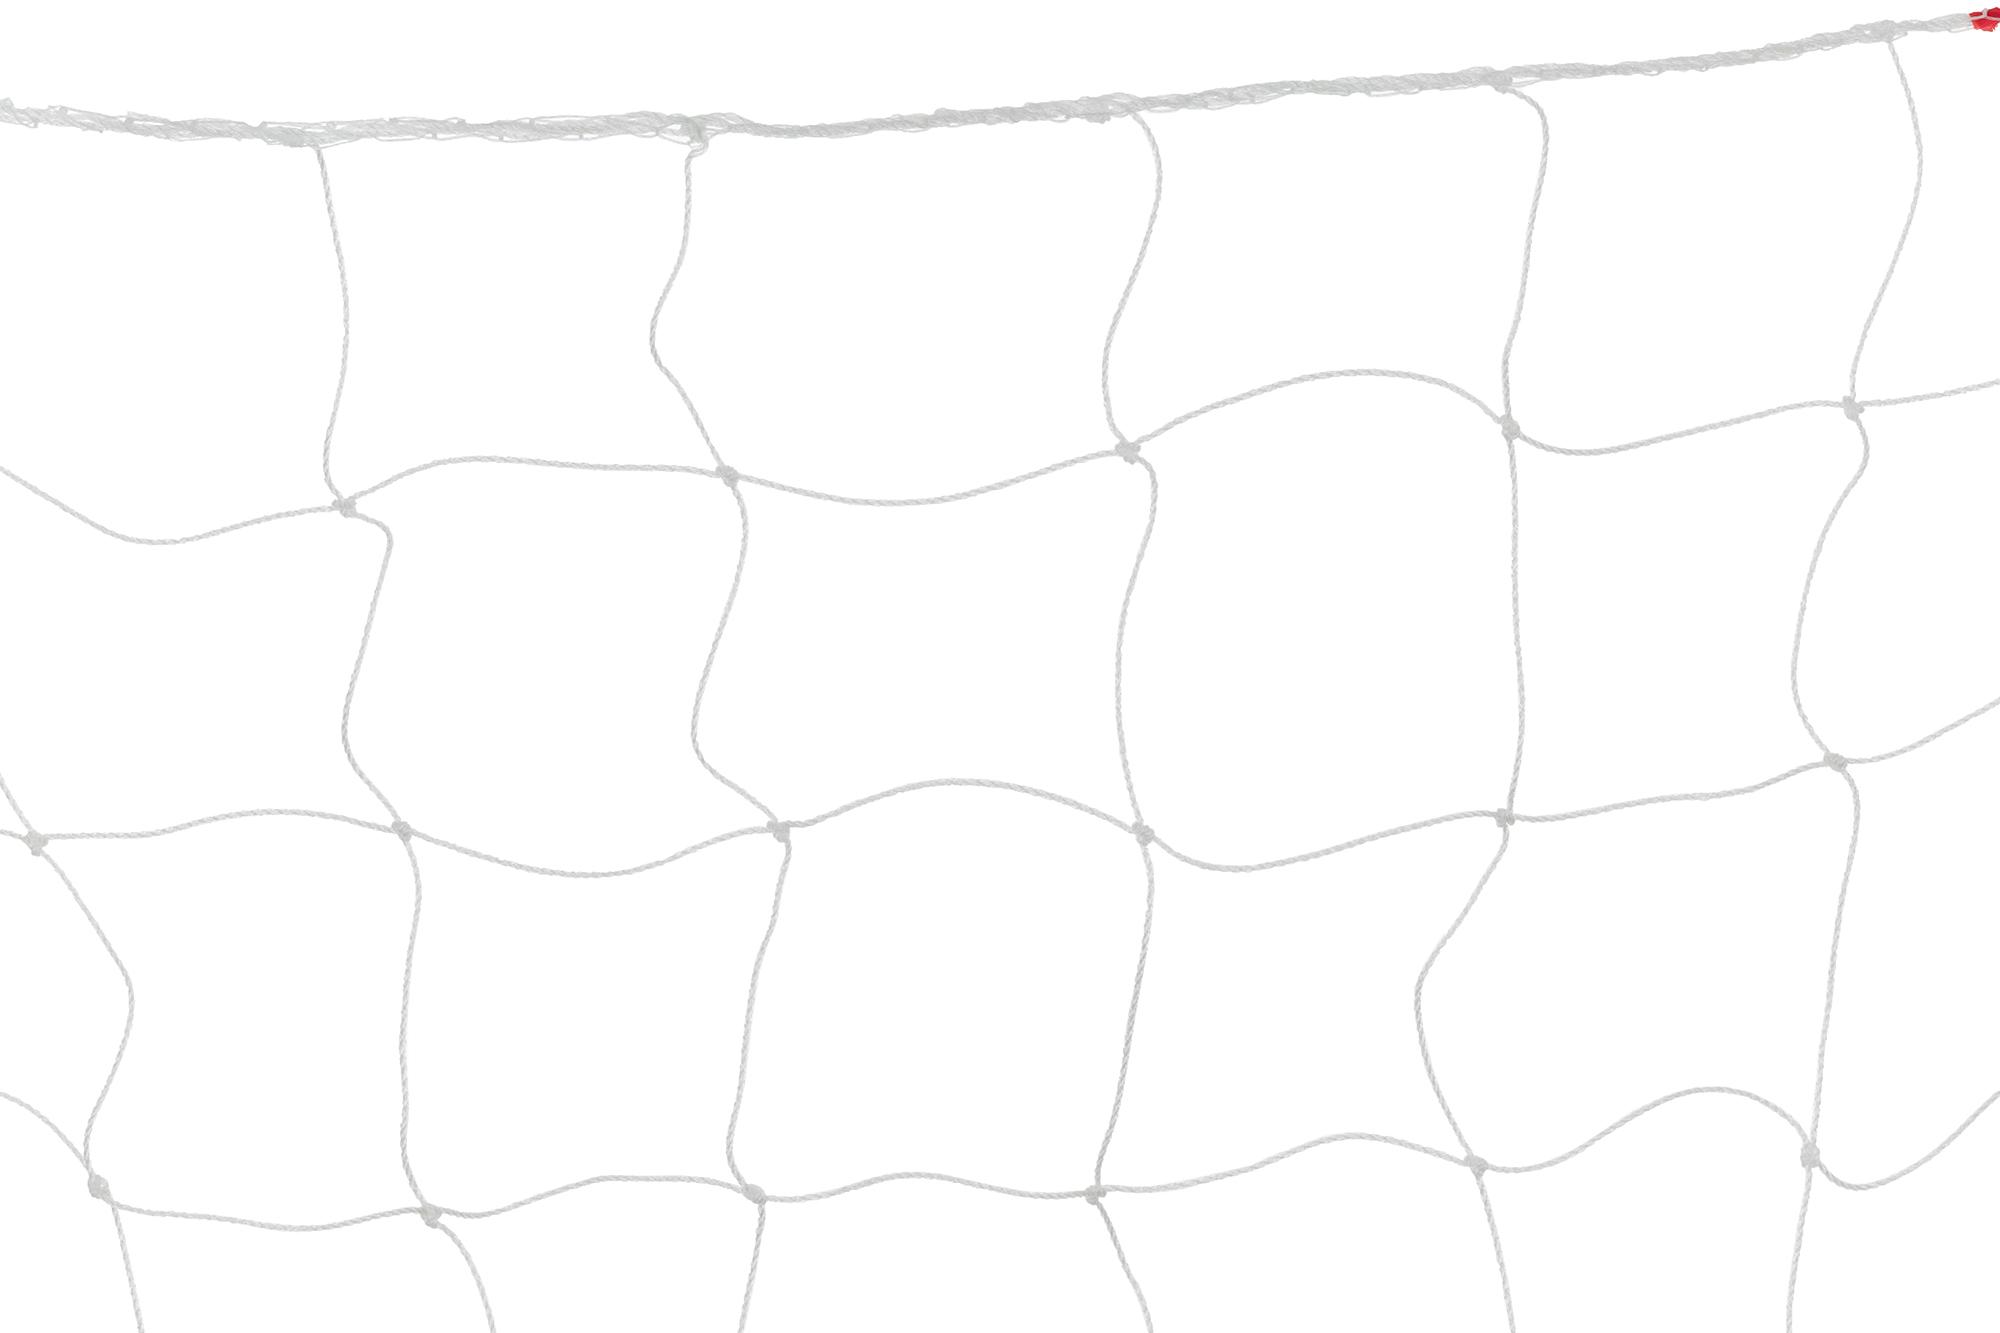 Demix Сетка для футбольных ворот Demix, 200 x 140 см сетка для футбольных ворот demix 120 x 80 см